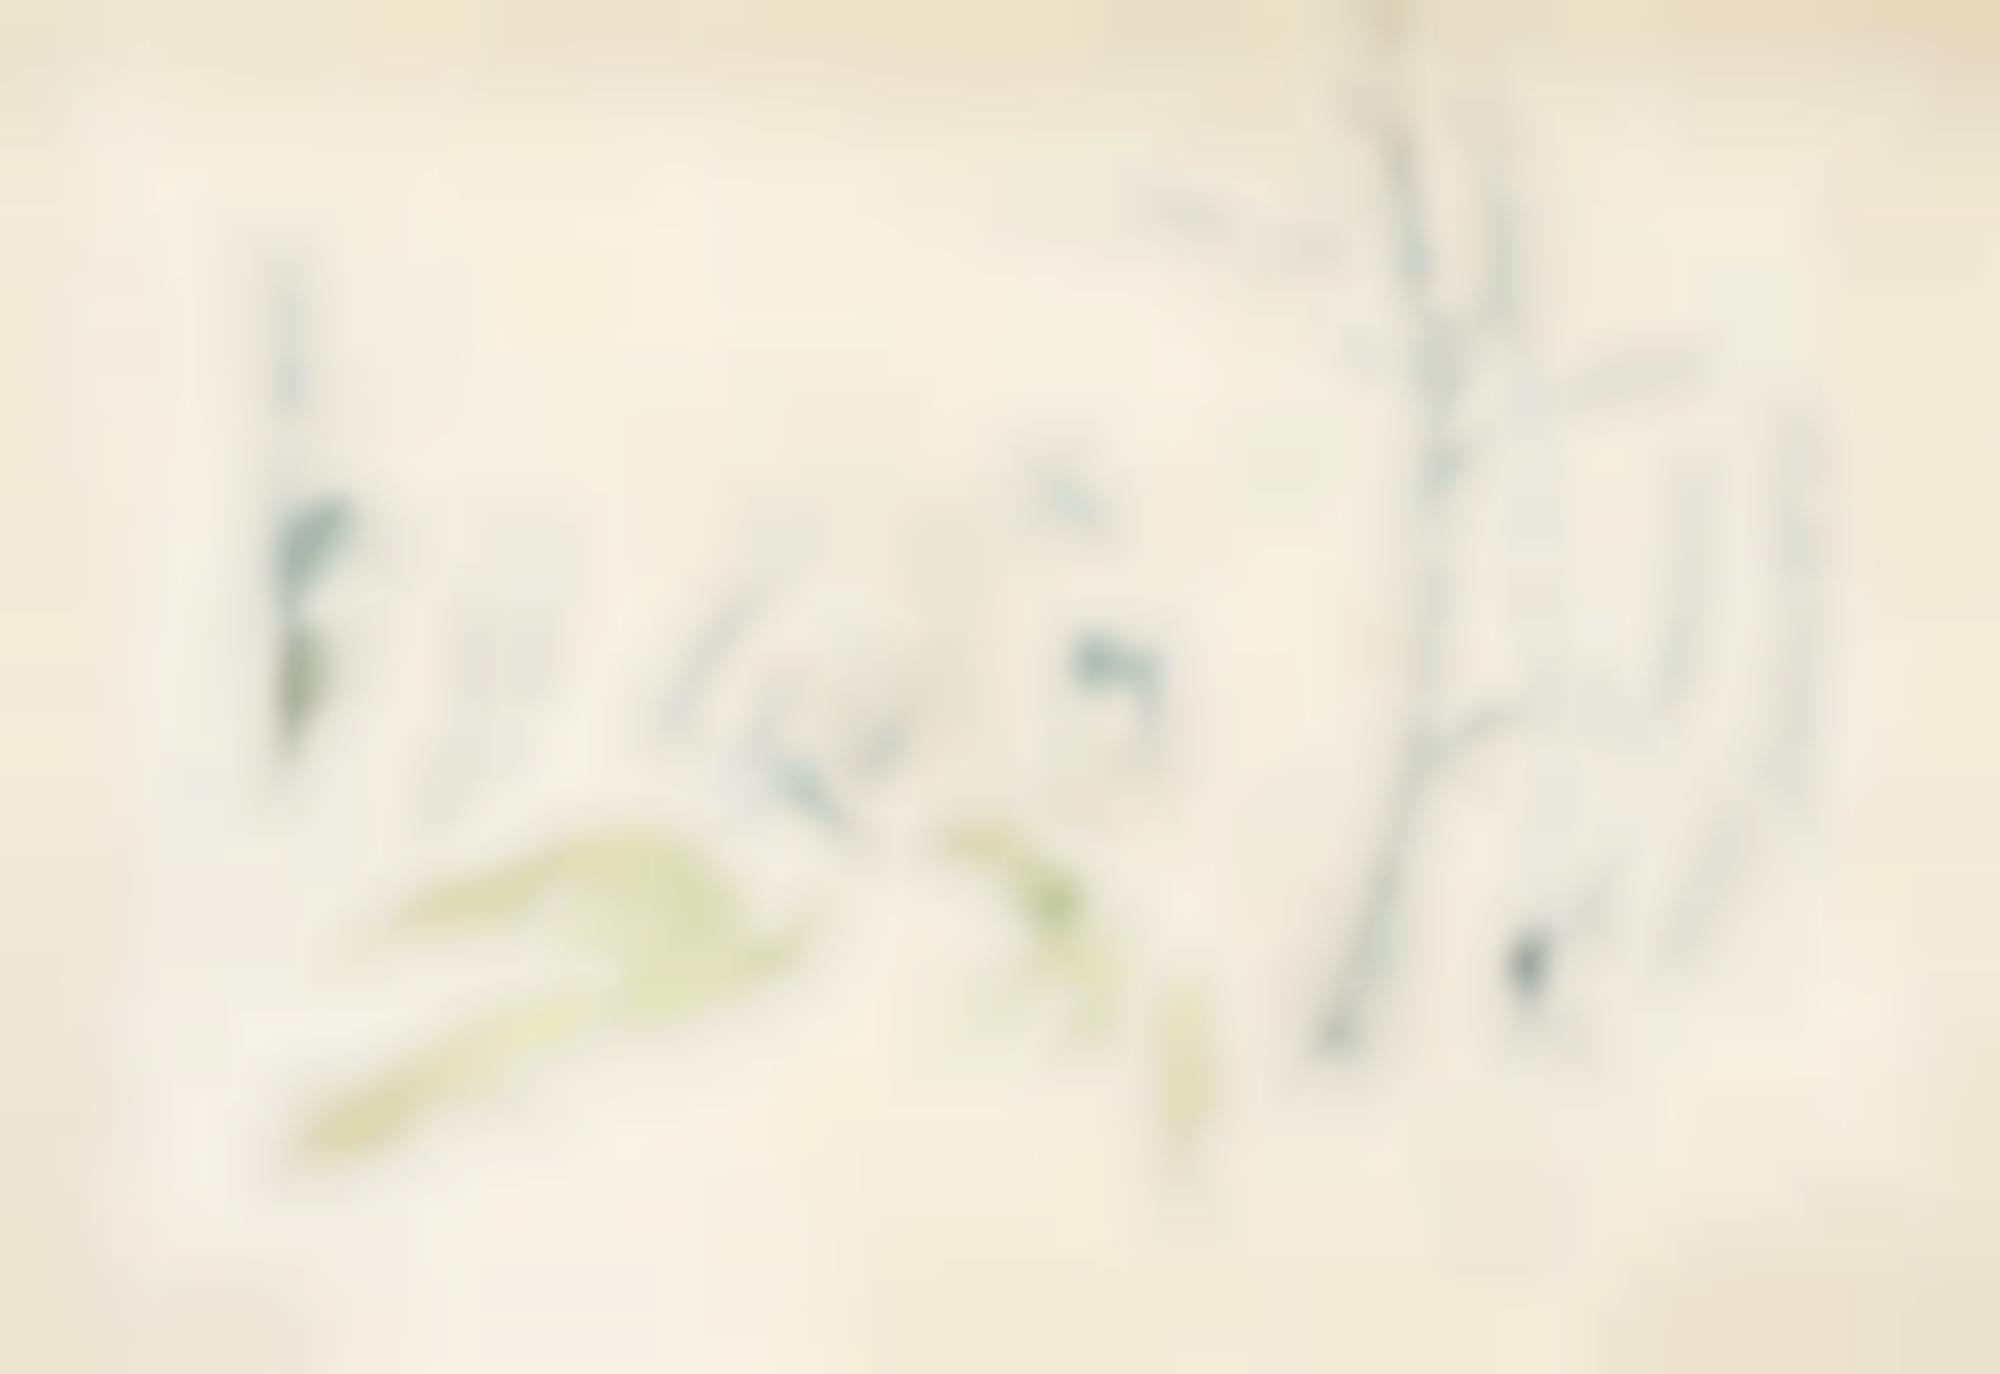 Paul Cezanne-Le Sentier-1890